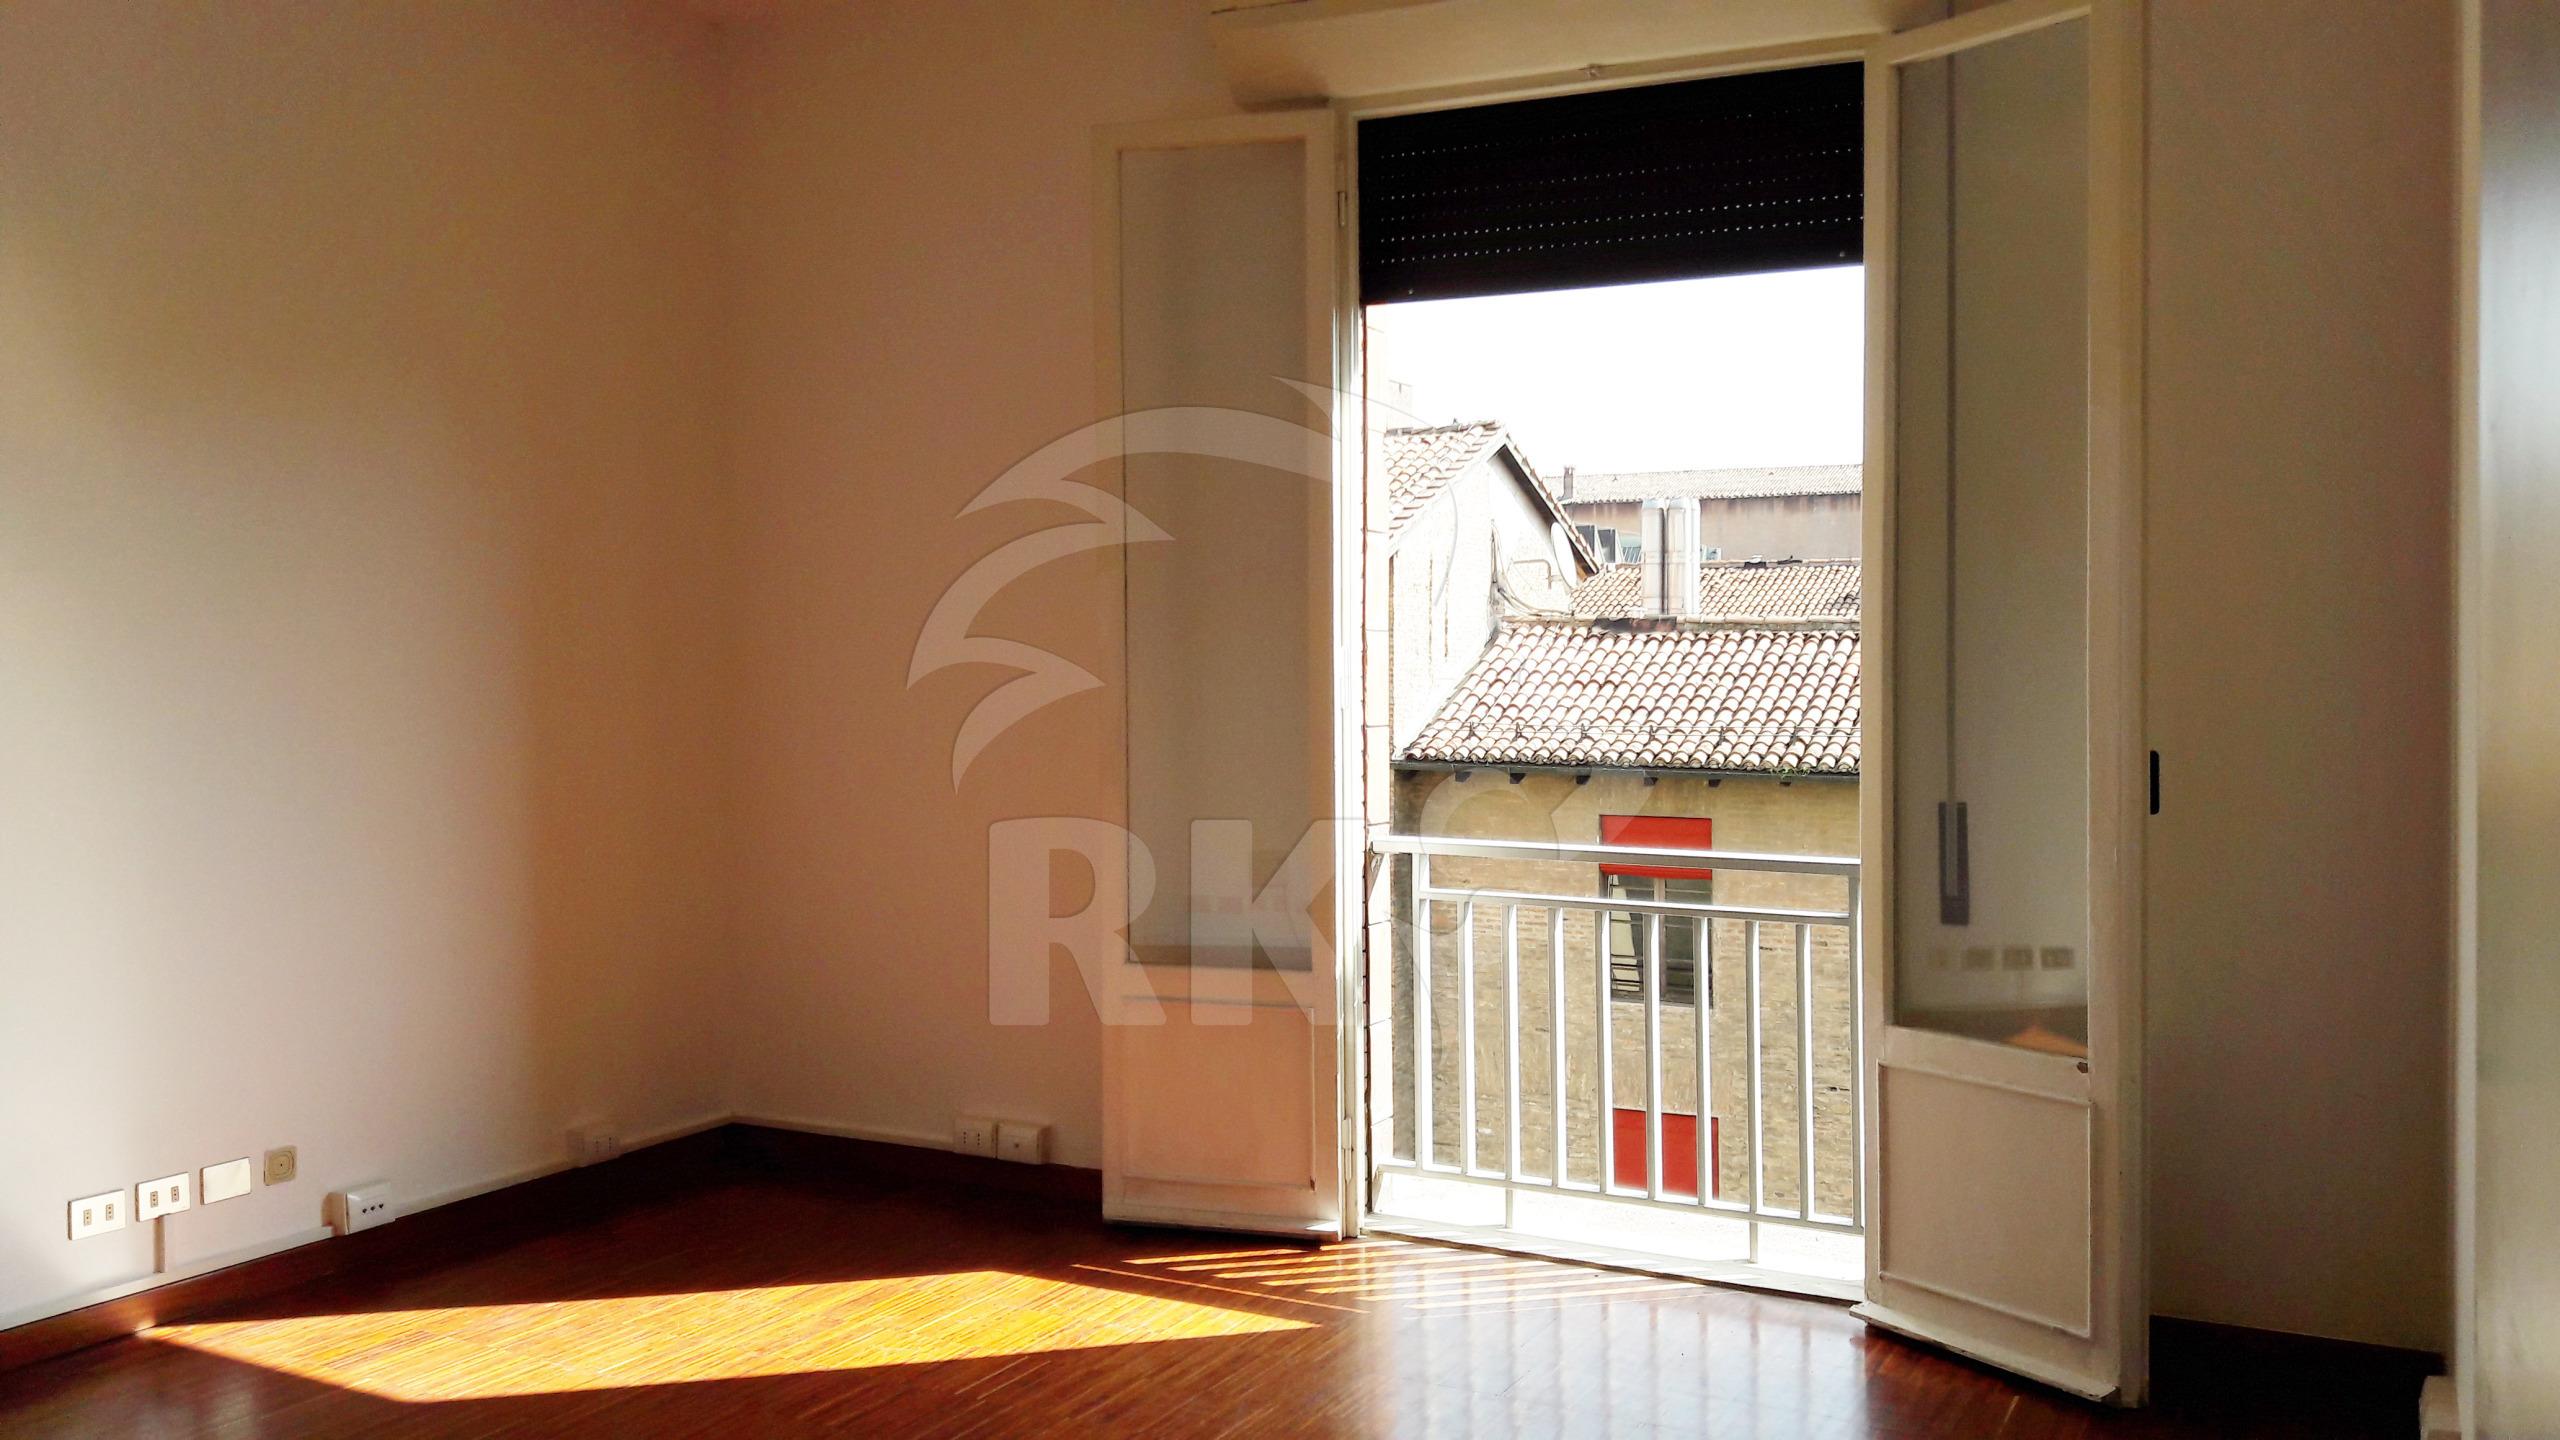 Ufficio in affitto bologna centro storico piazza maggiore for Affitto ufficio